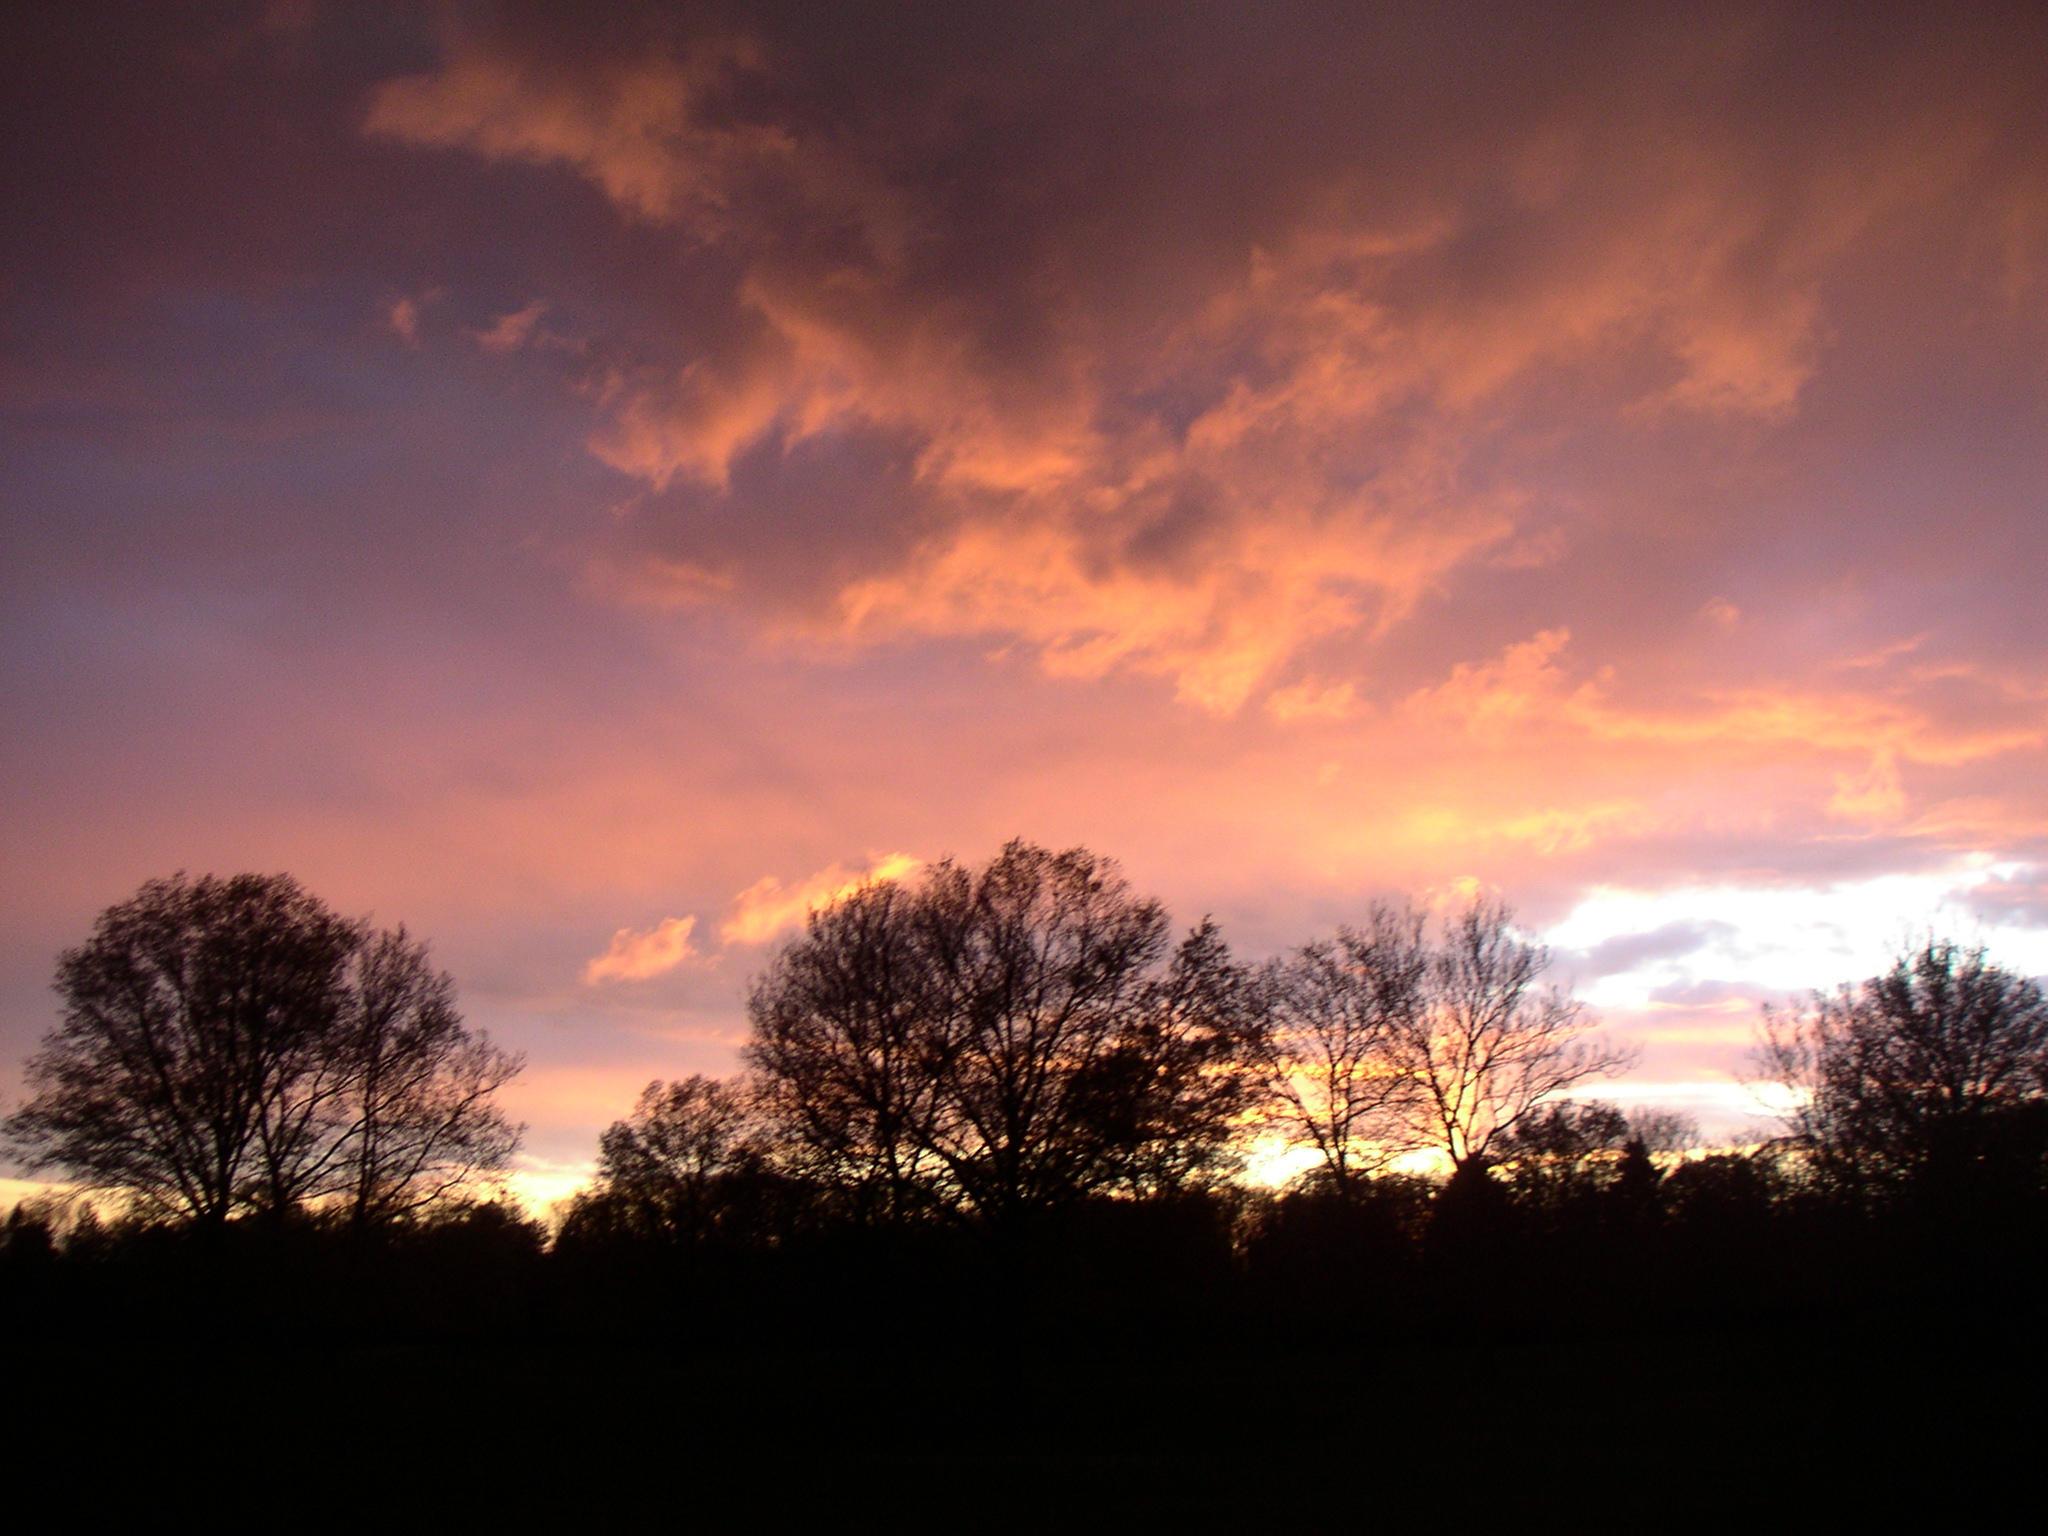 trippy sunset by anticsx on DeviantArt